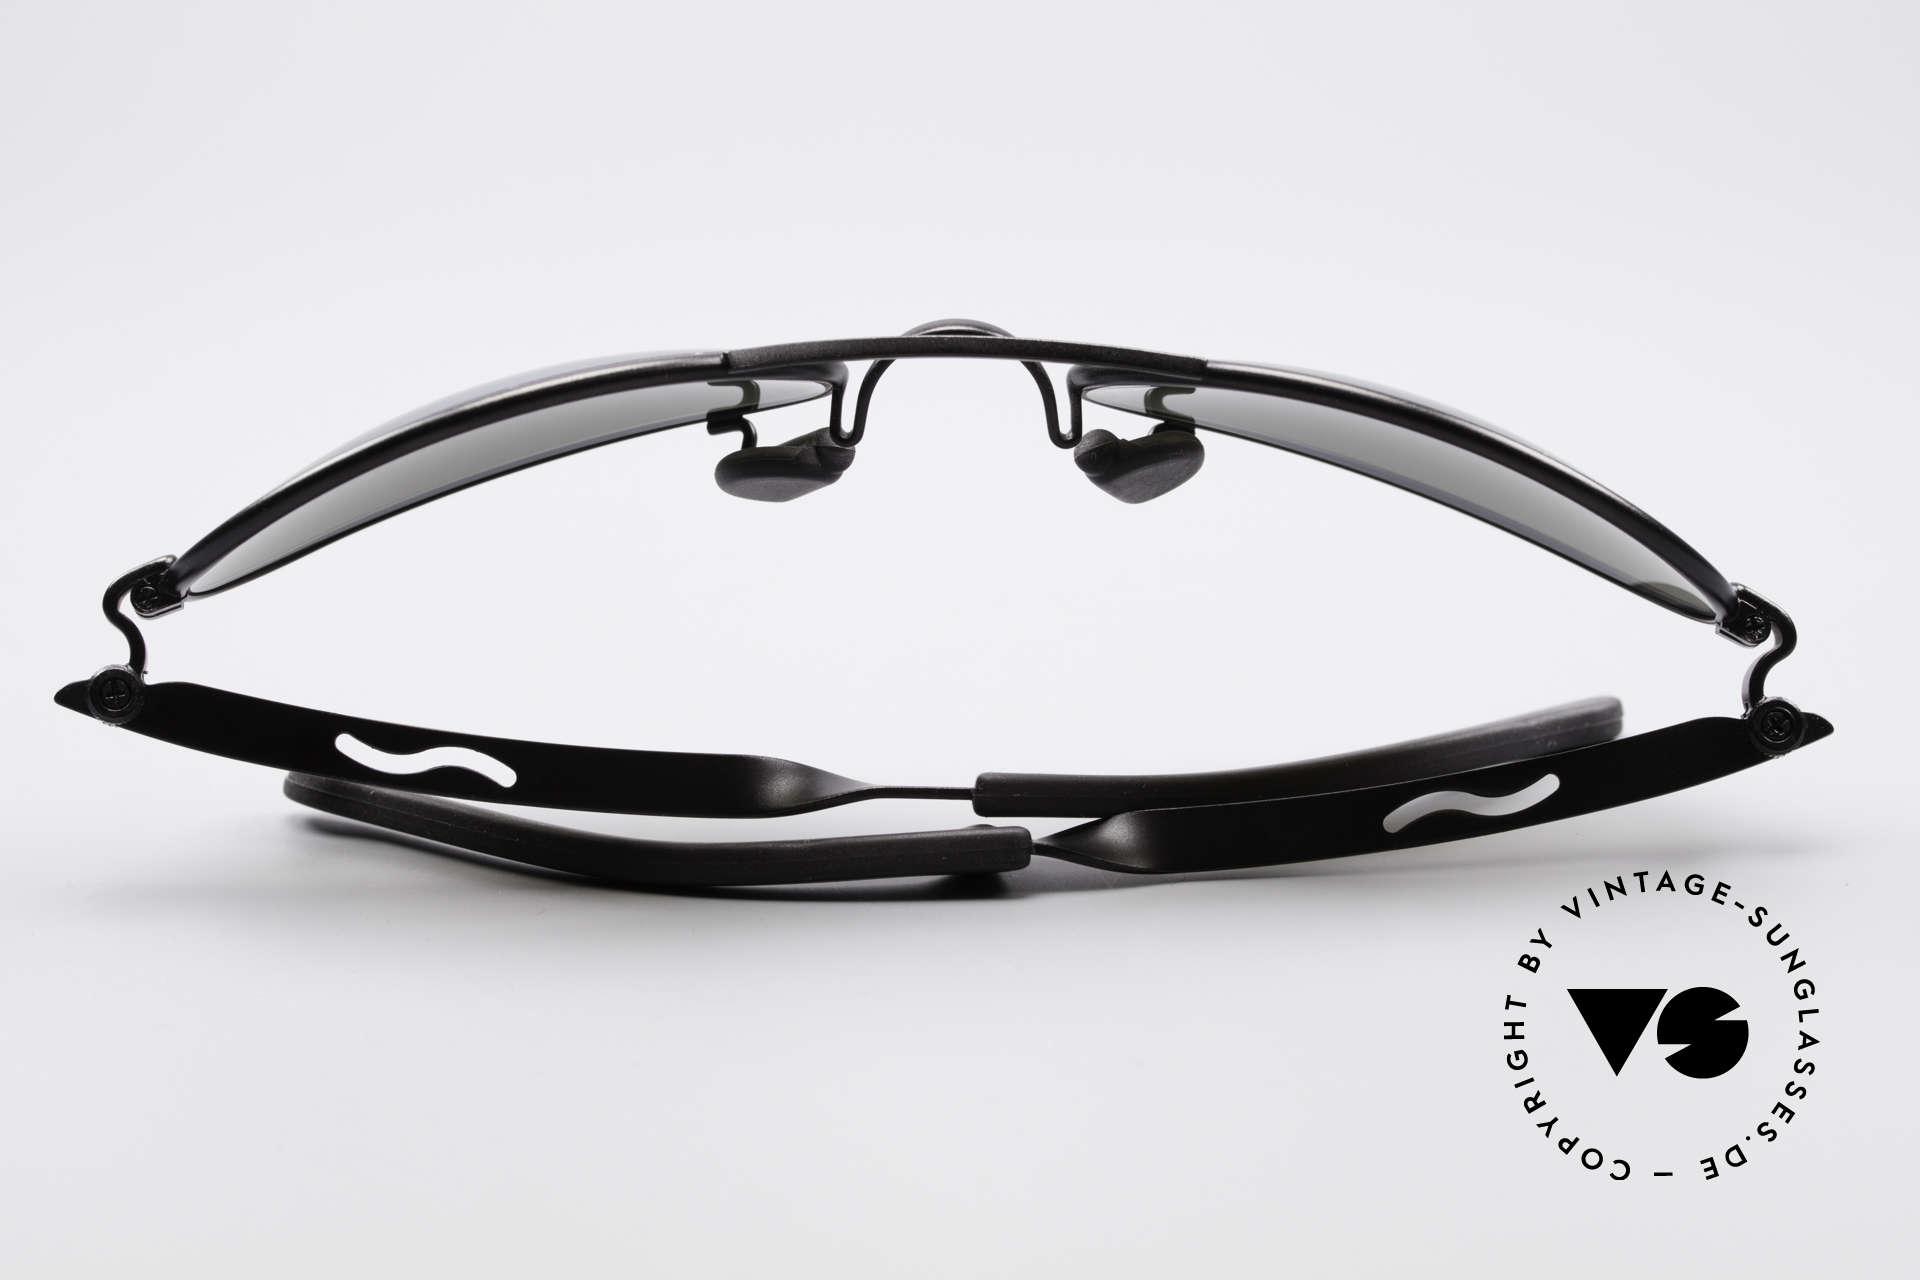 Ray Ban Orbs 9 Base Oval Blue Mirror B&L USA Brille, ungetragen (wie alle unsere RAY-BAN Sonnenbrillen), Passend für Herren